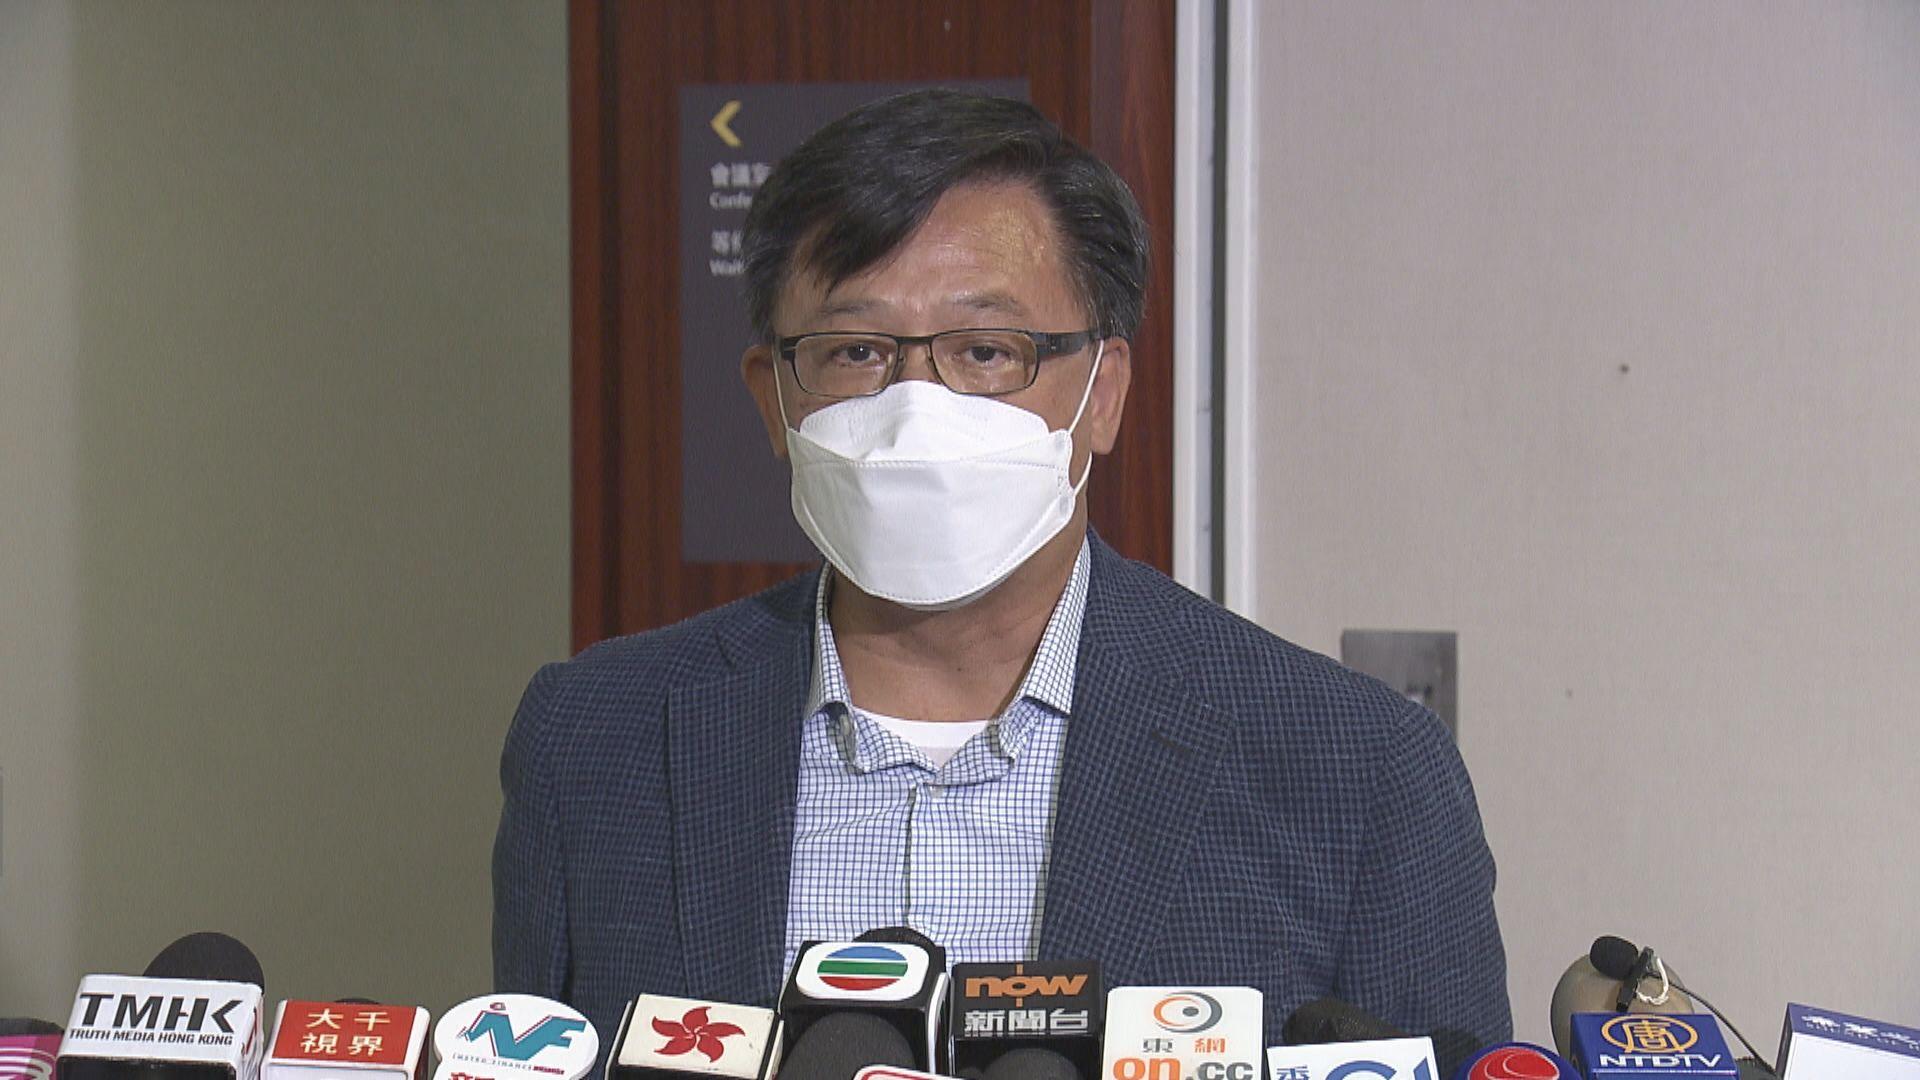 何君堯:查冊政策去年已收緊 新聞業界不應再以身試法